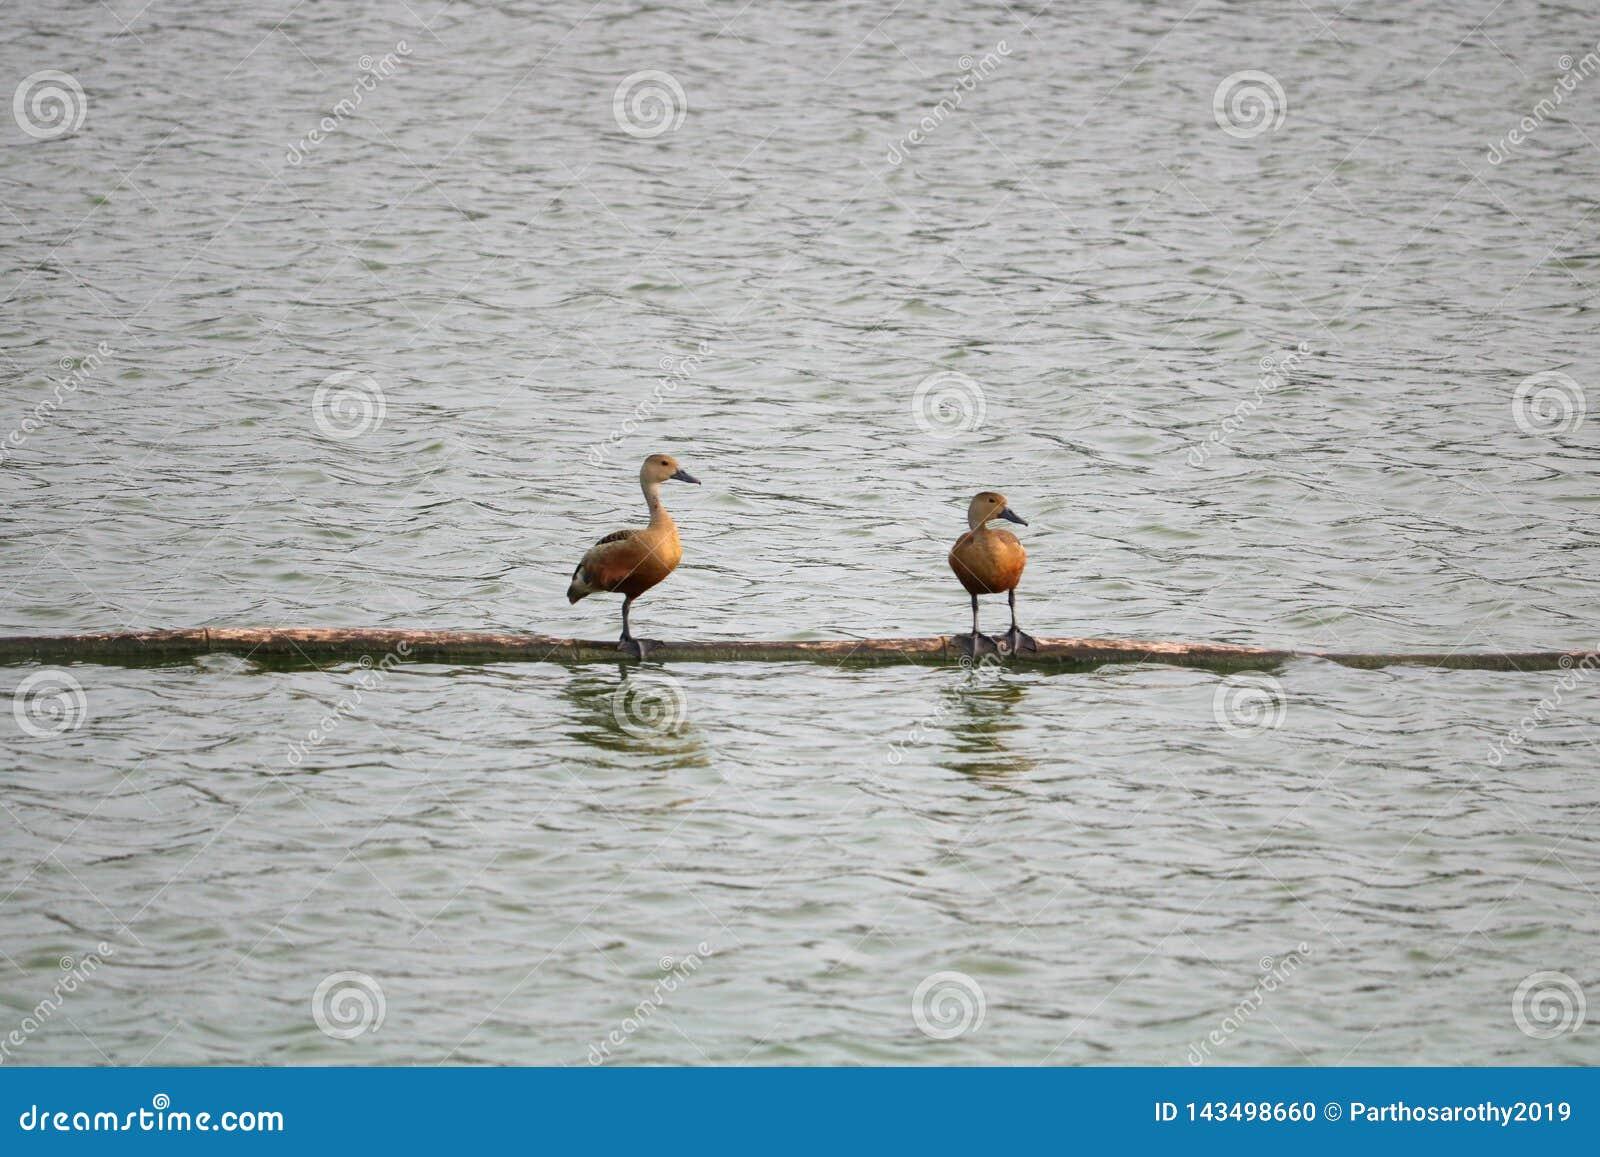 Oiseaux de couleur brune se reposant au-dessus de l eau